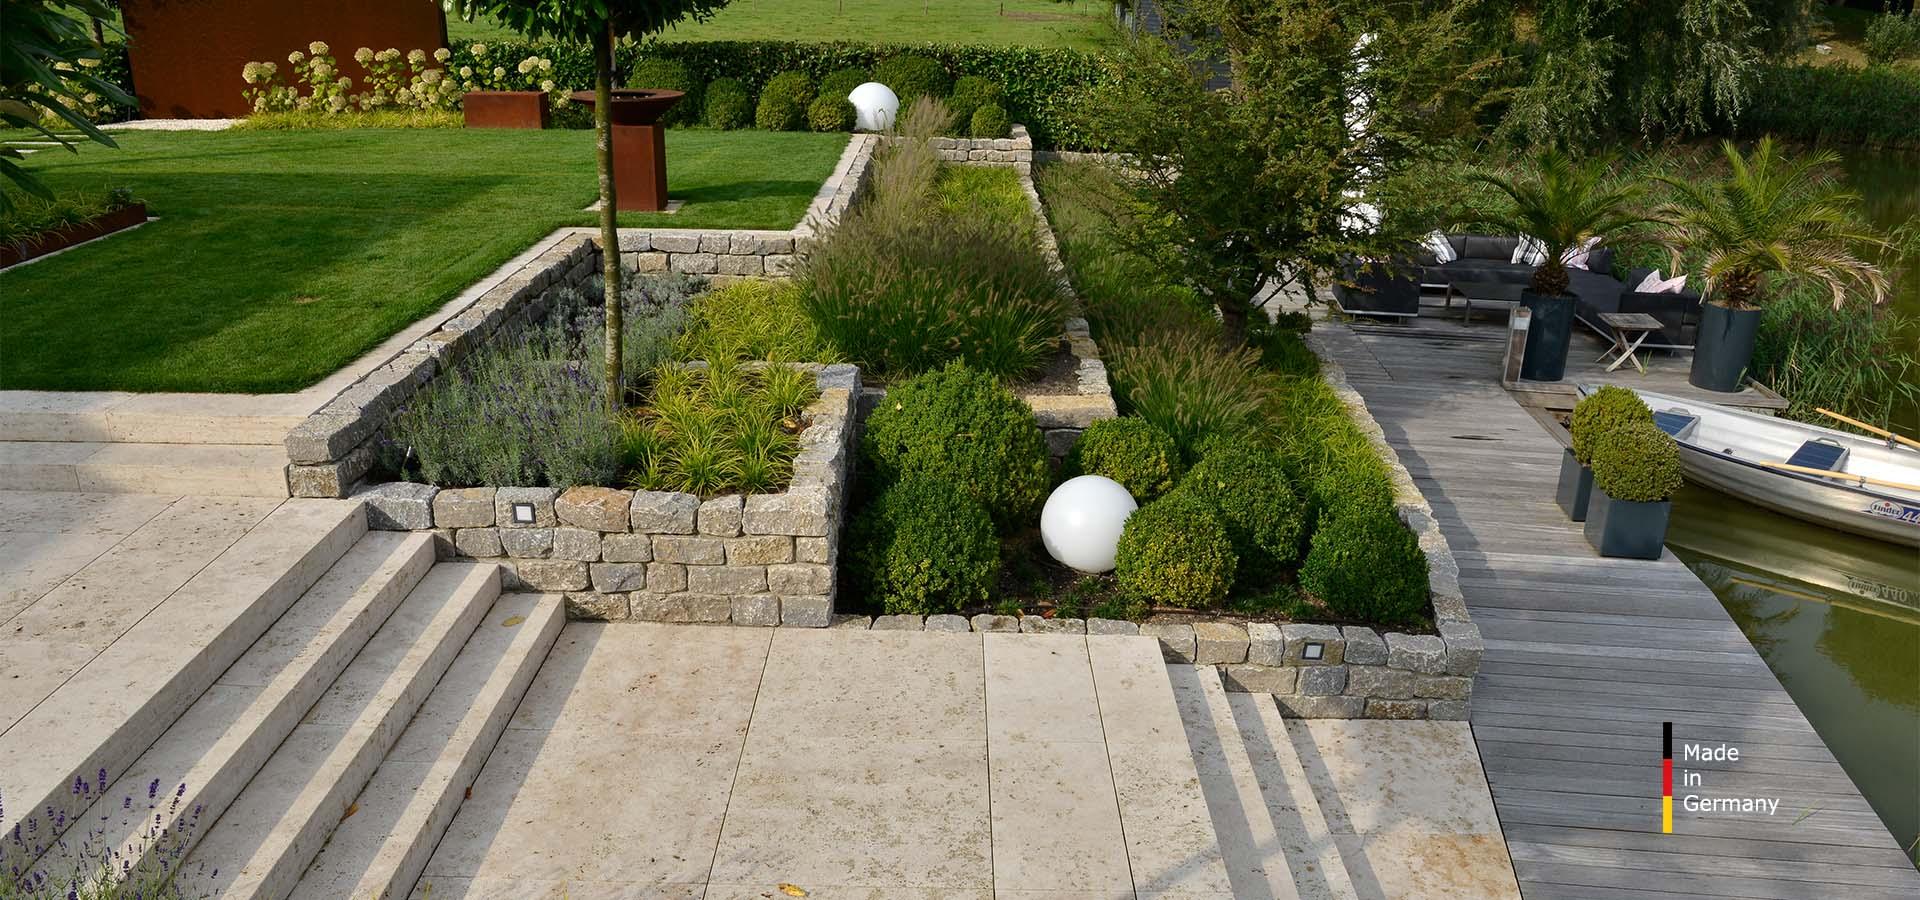 Full Size of Bauhaus Online Shop Gartenbrunnen Baumarkt Pumpe Brunnen Fenster Wohnzimmer Bauhaus Gartenbrunnen